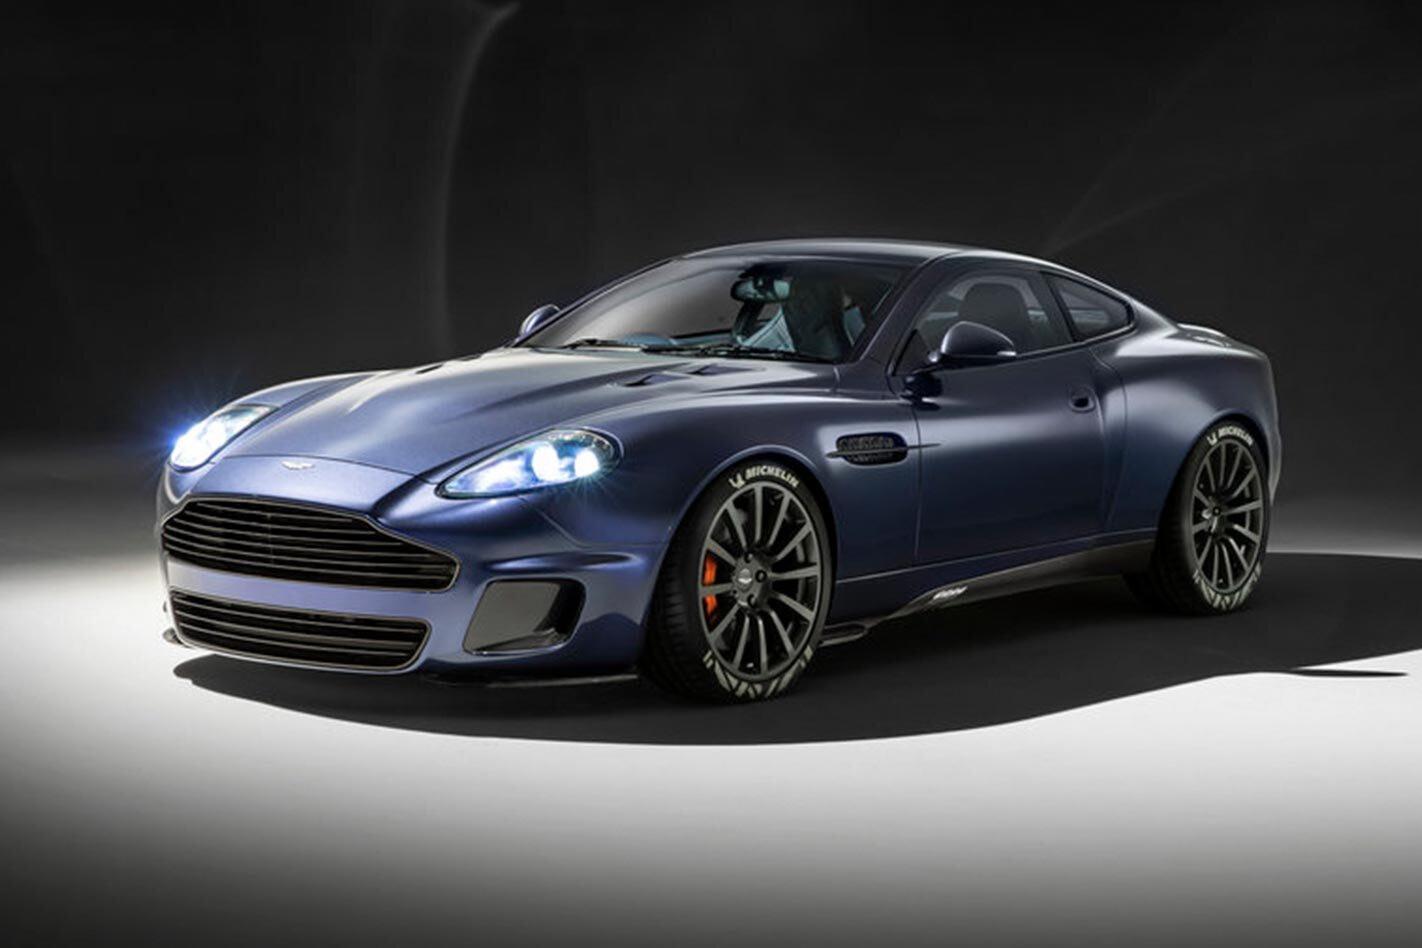 Aston Martin Ian Callum Vanquish 25